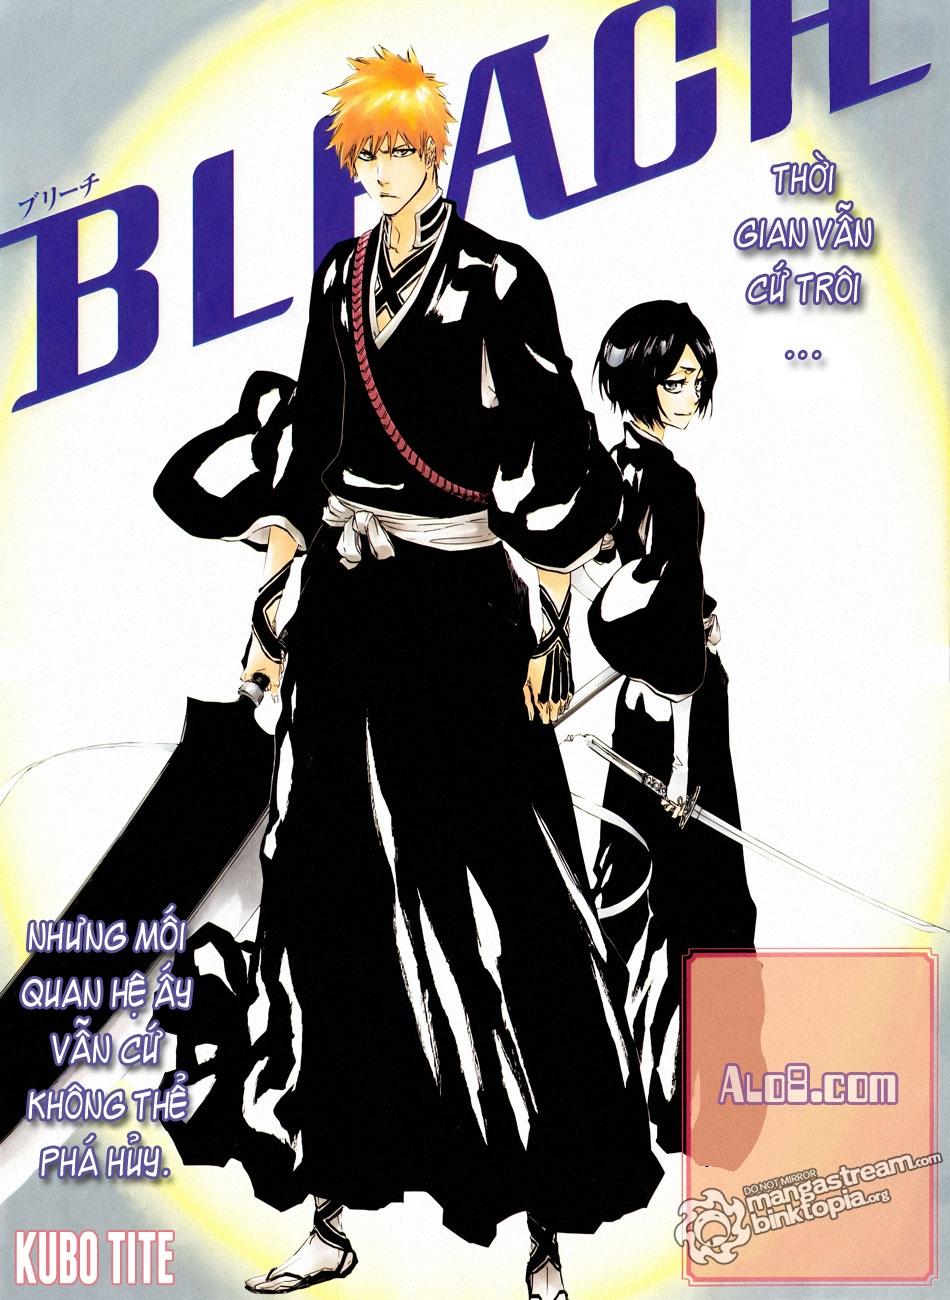 xem truyen moi - Bleach - Chapter 460